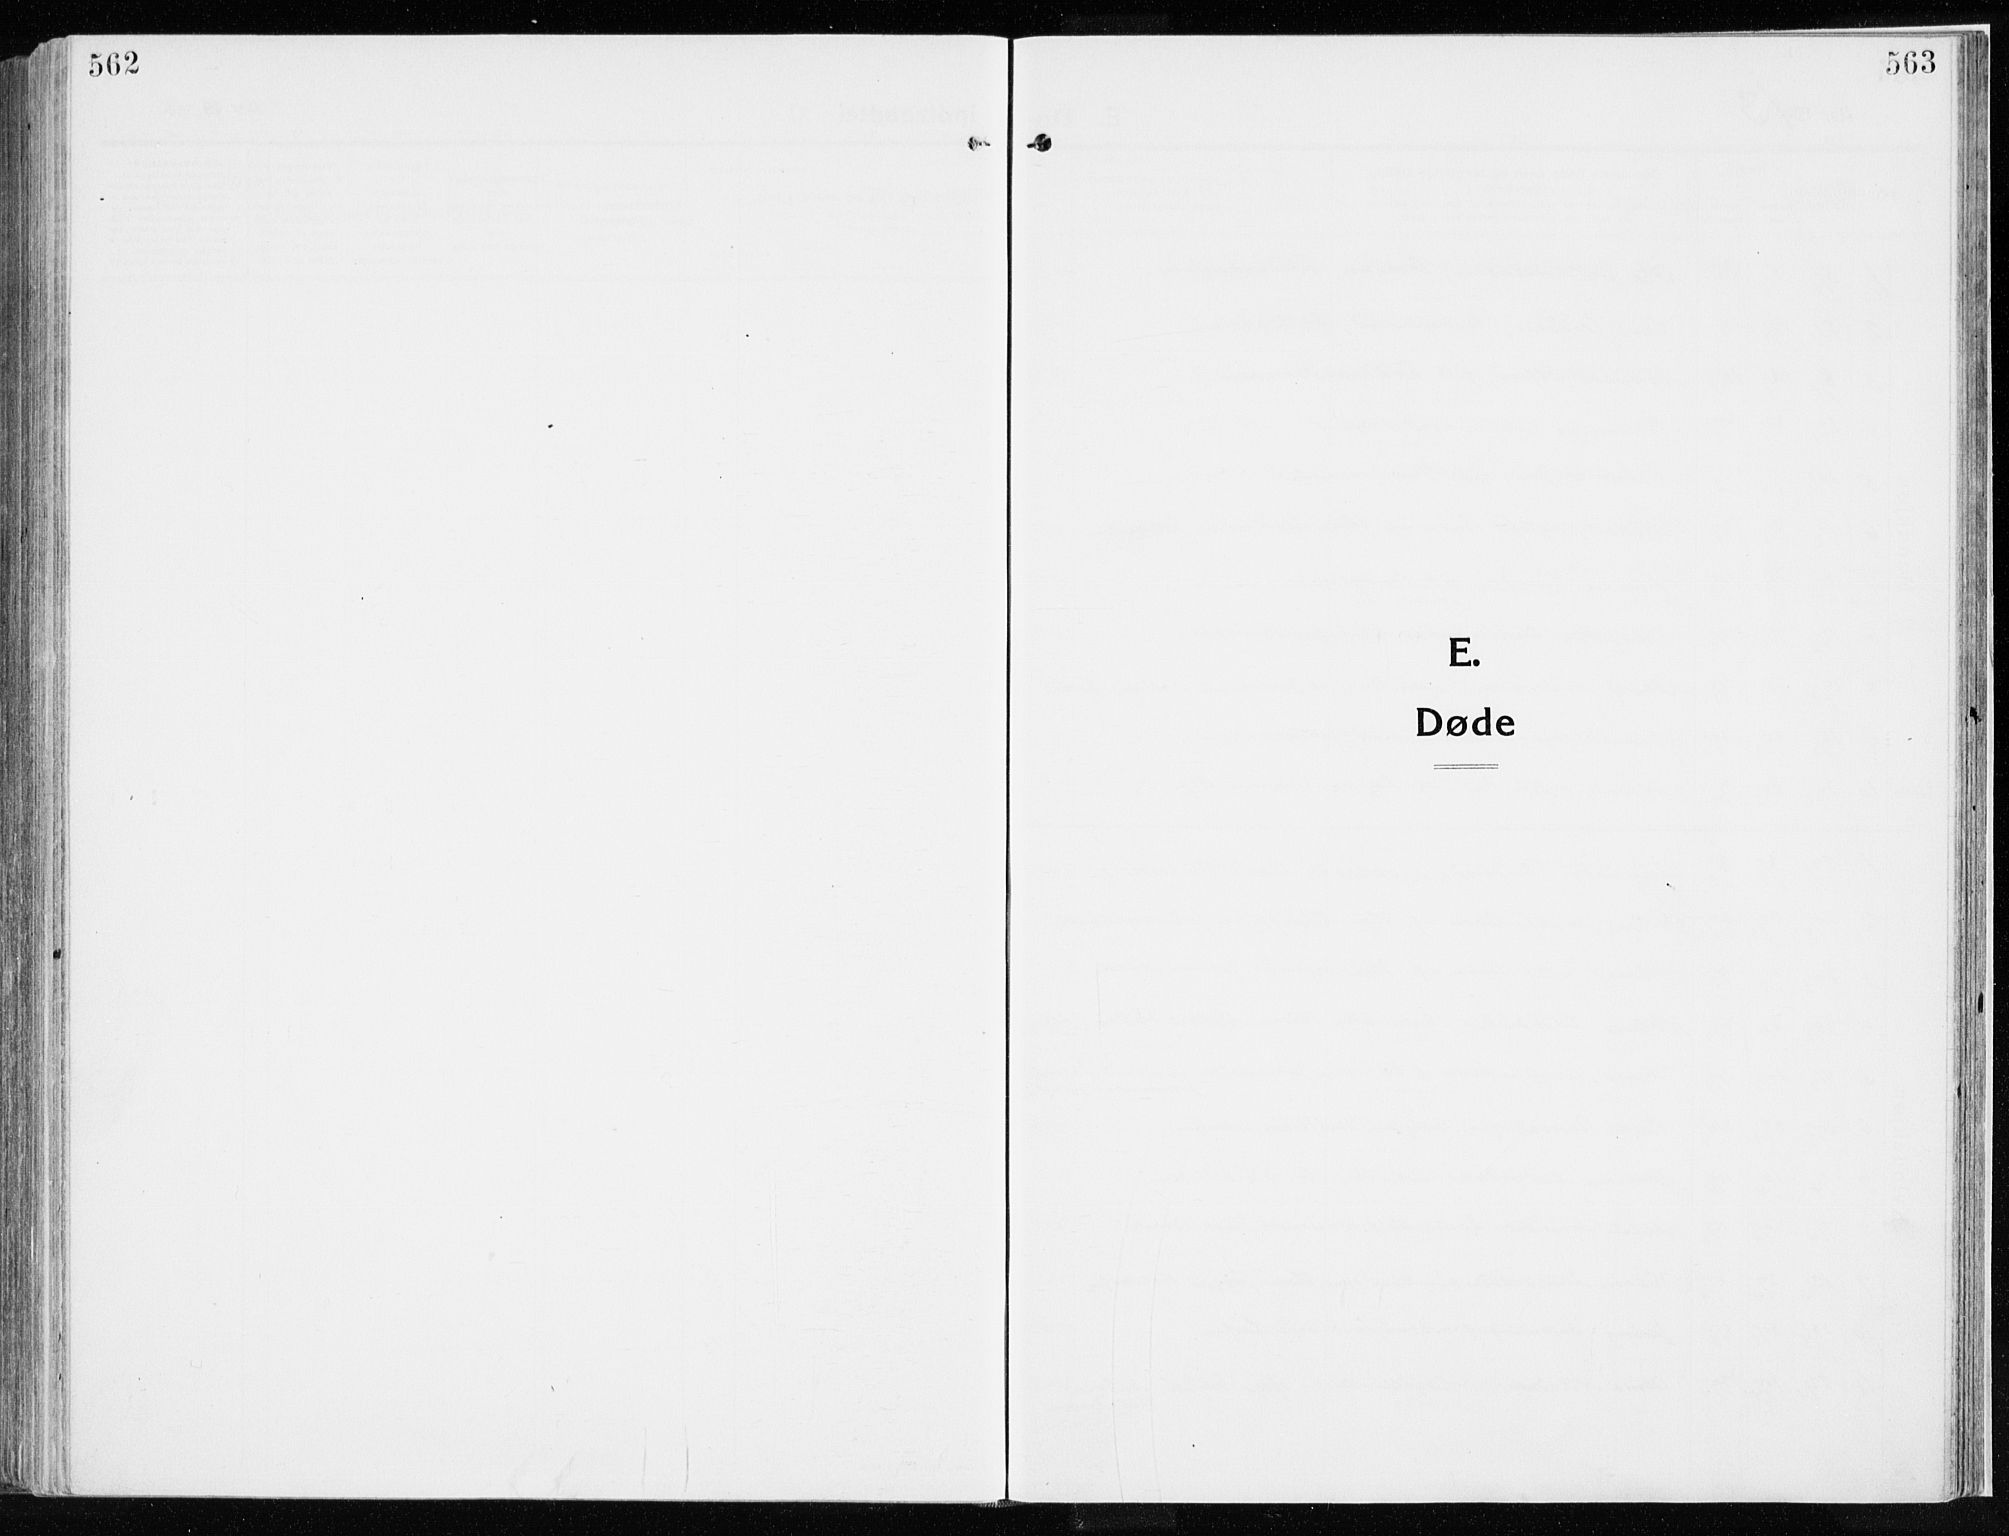 SAH, Ringsaker prestekontor, K/Ka/L0020: Ministerialbok nr. 20, 1913-1922, s. 562-563